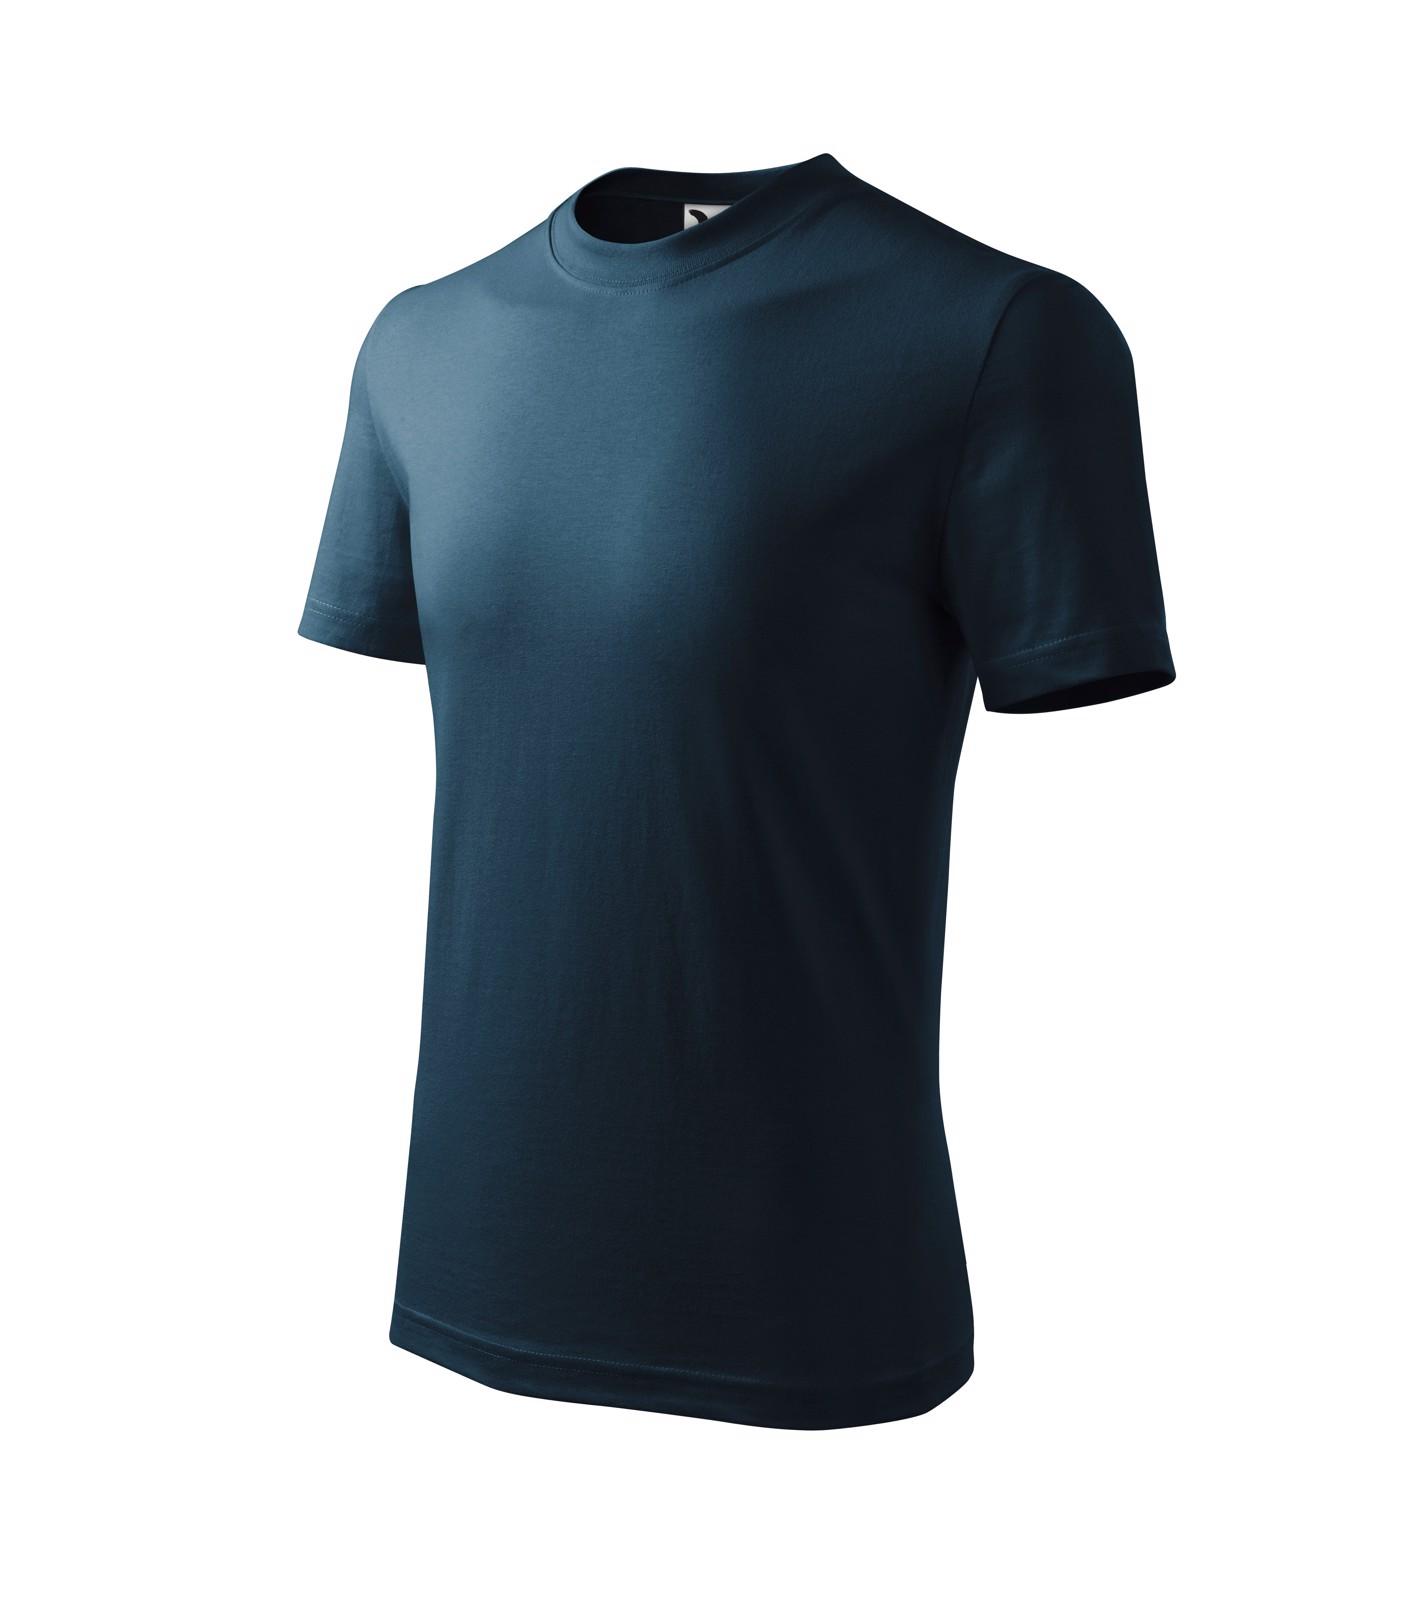 Tričko dětské Malfini Basic - Námořní Modrá / 158 cm/12 let